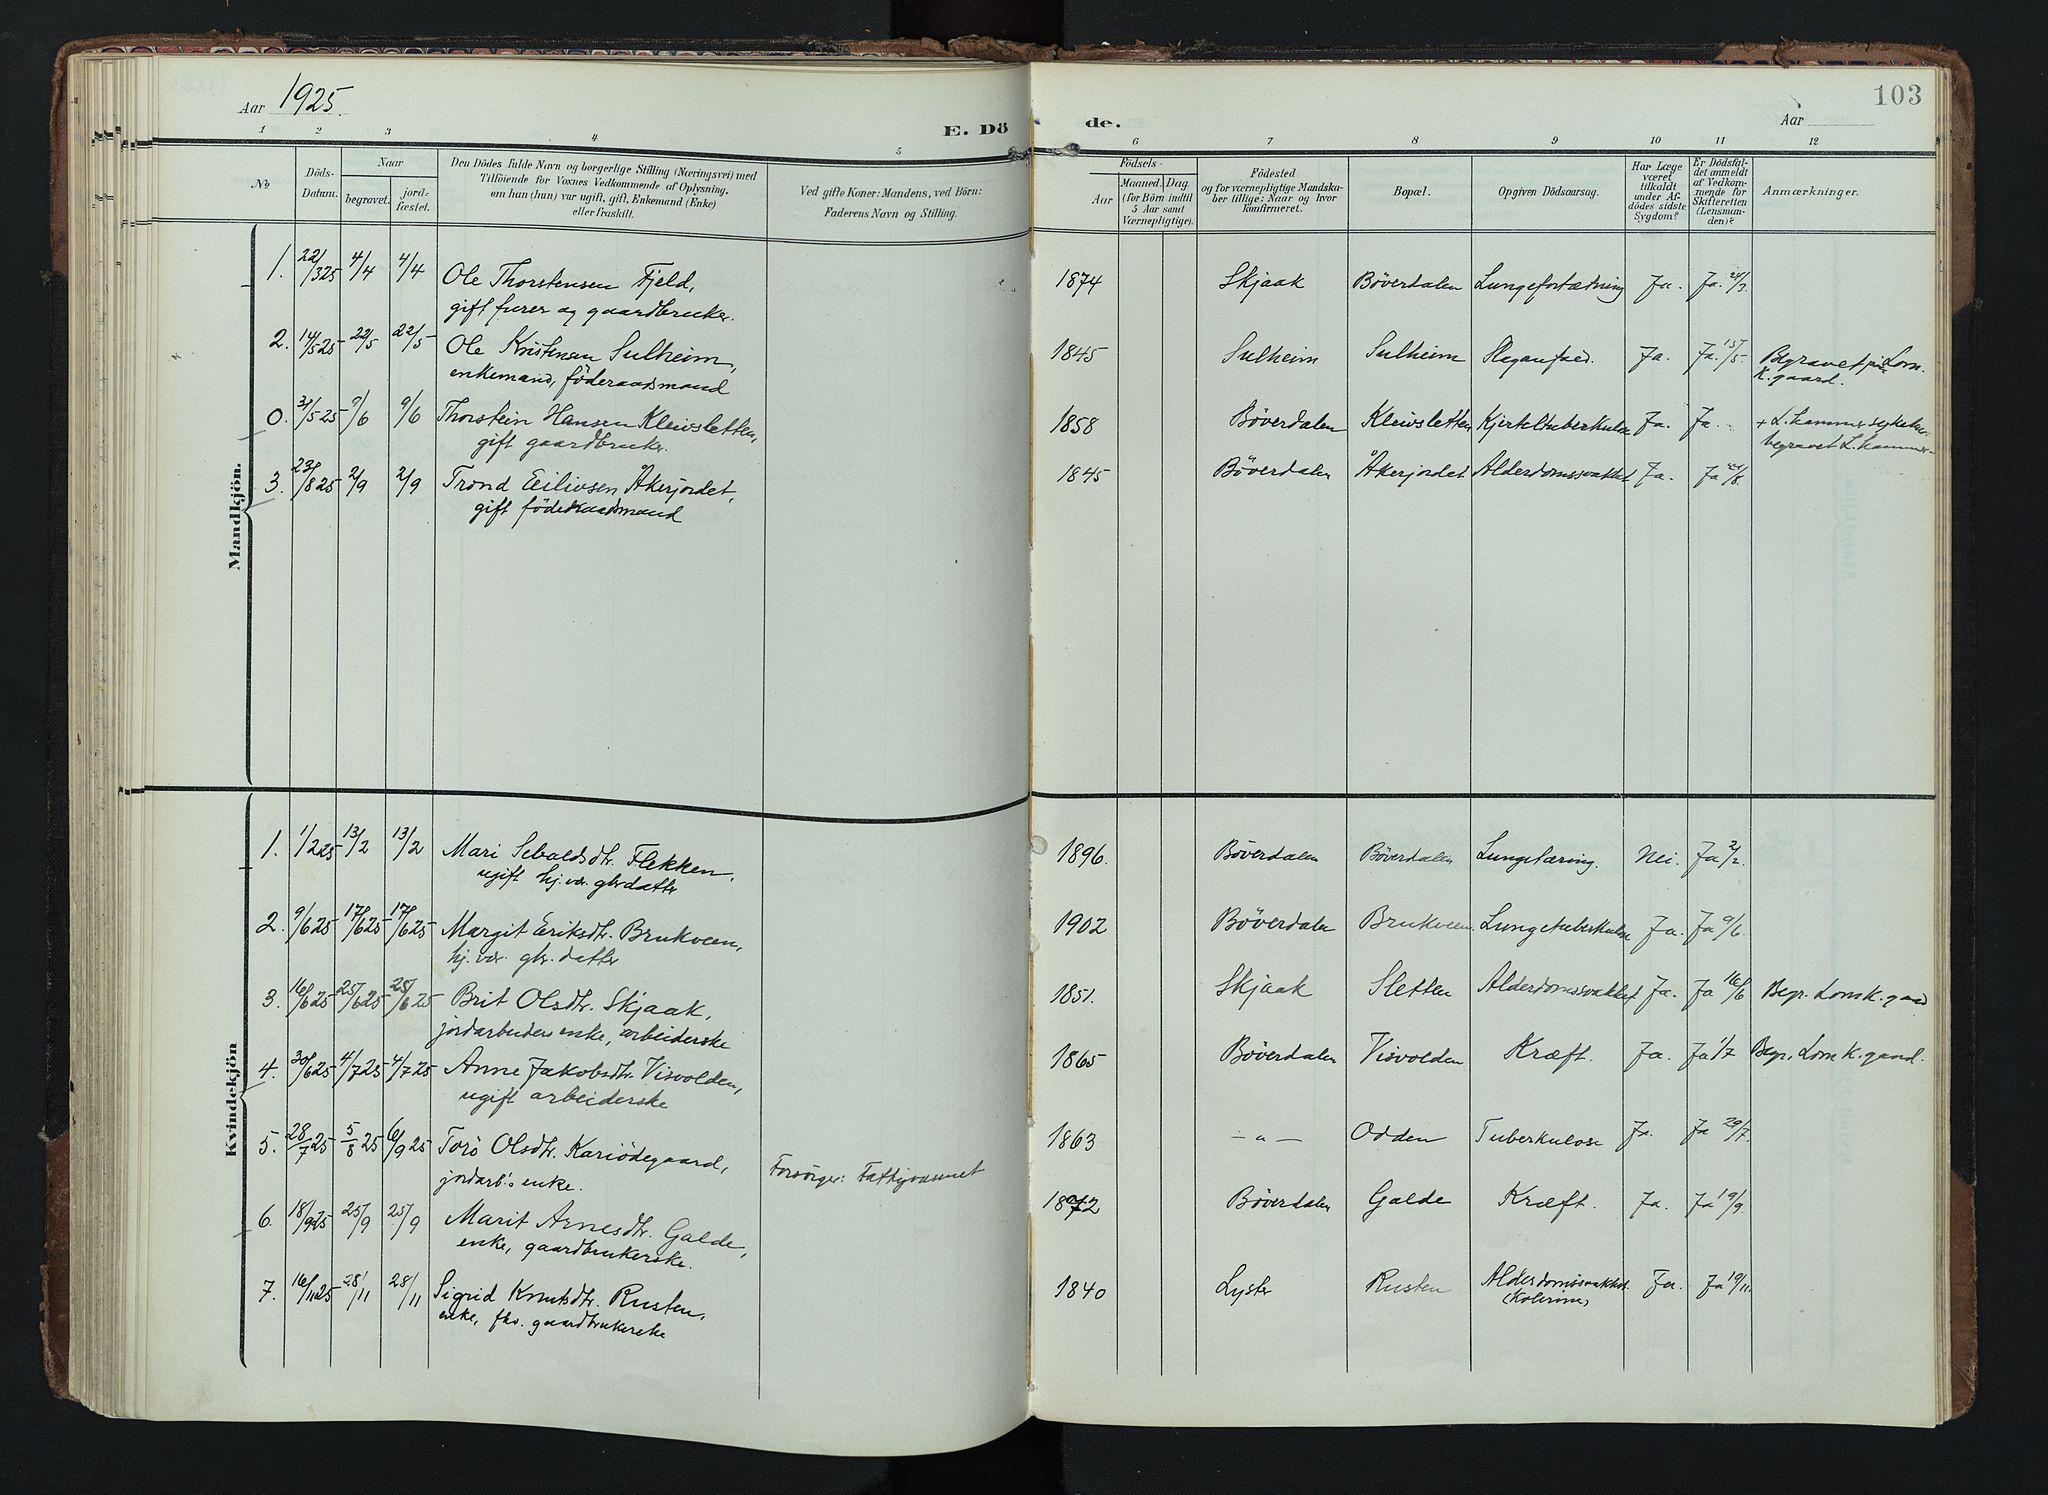 SAH, Lom prestekontor, K/L0012: Ministerialbok nr. 12, 1904-1928, s. 103